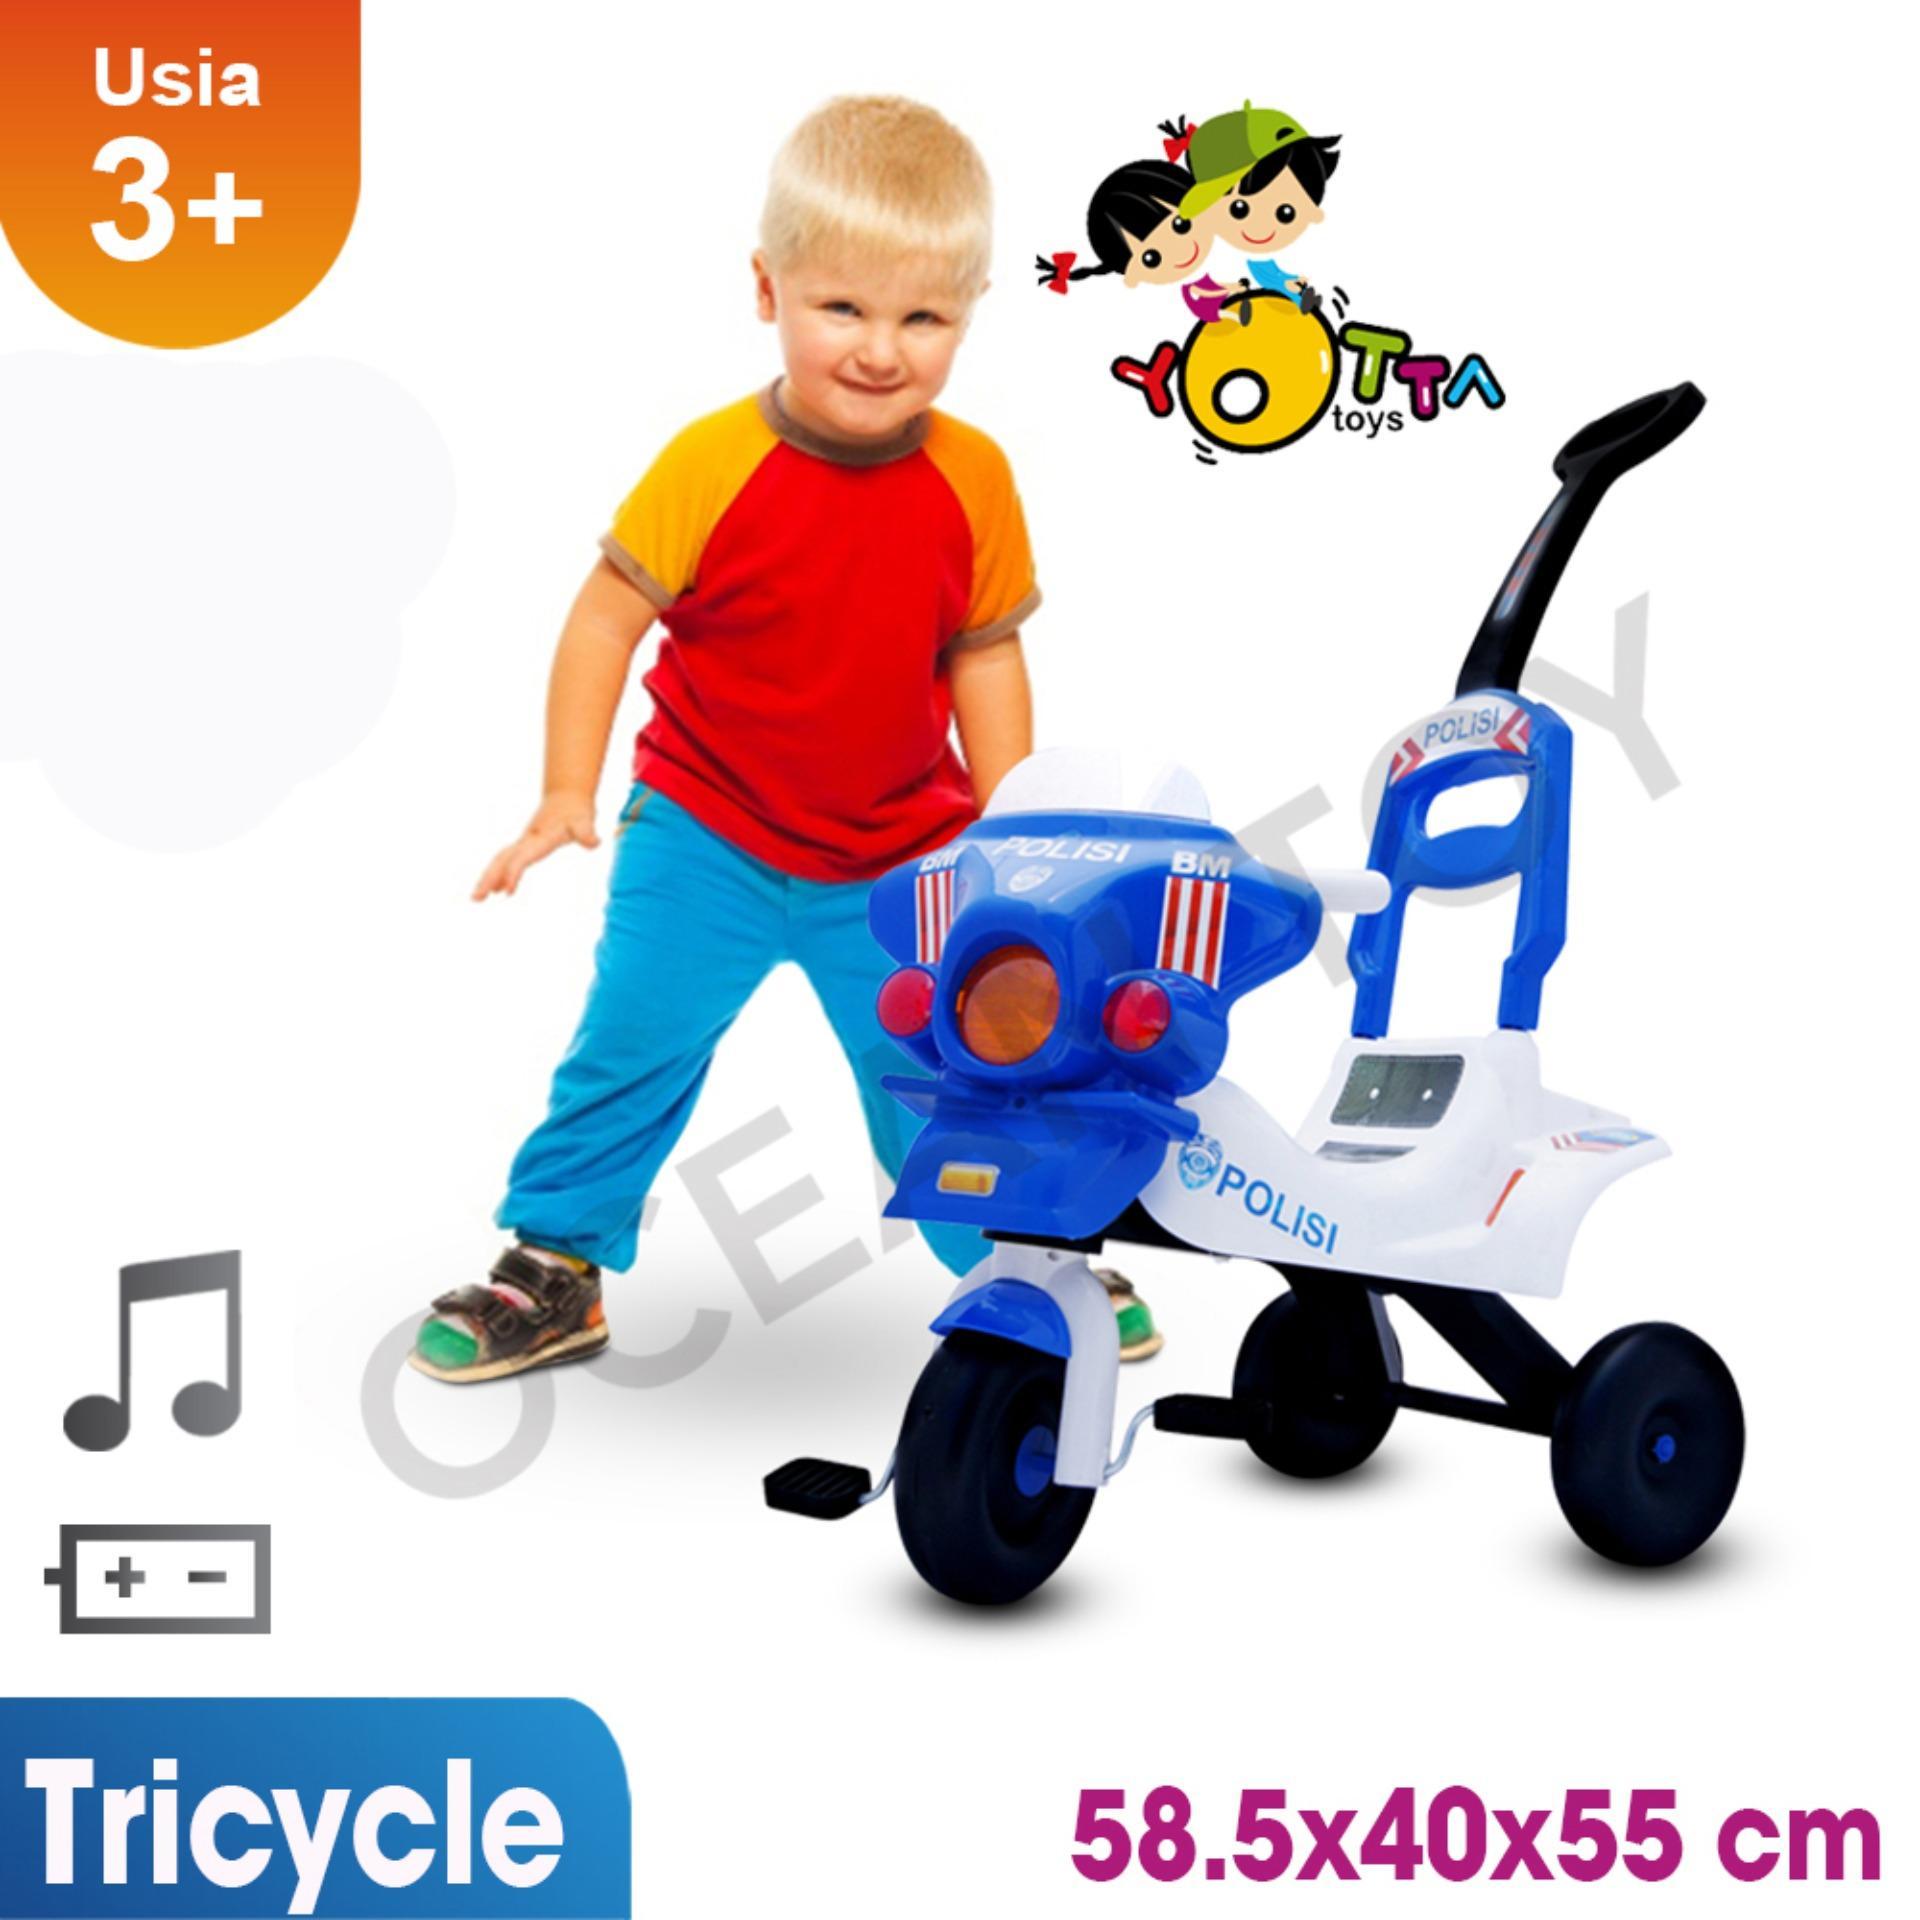 Sepeda Anak / Mainan Anak Sepeda Polisi / Khusus Jabodetabek / Sepeda Anak / Tricycle / Maksimum 30 Kg / Anak Laki Perempuan By Ocean Toy.